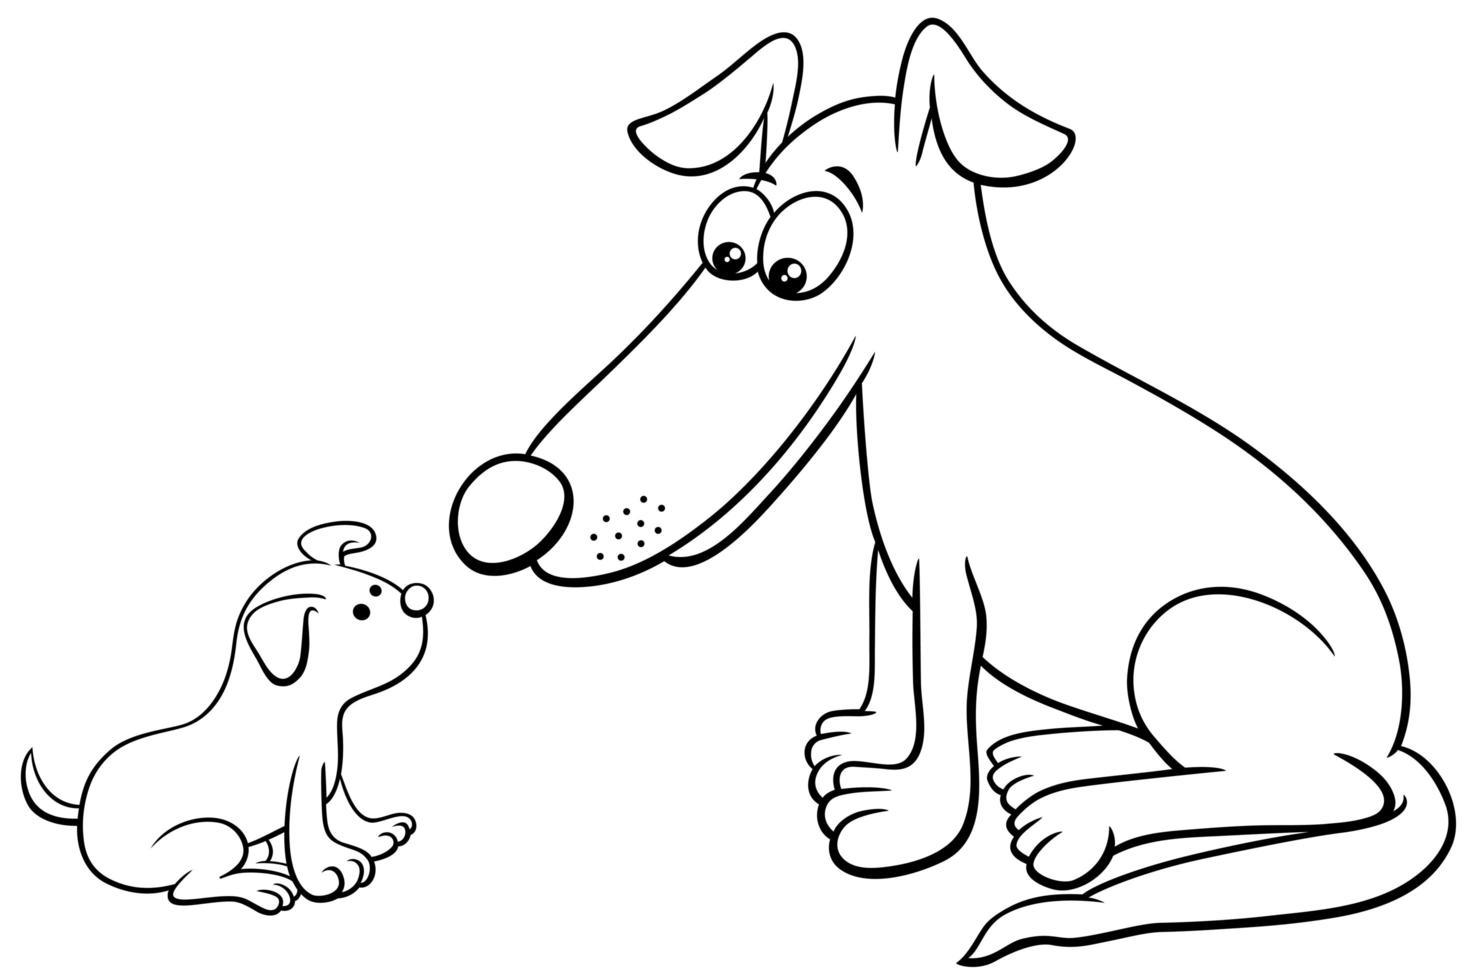 Welpen und Hund Tierfiguren Malbuch Seite vektor